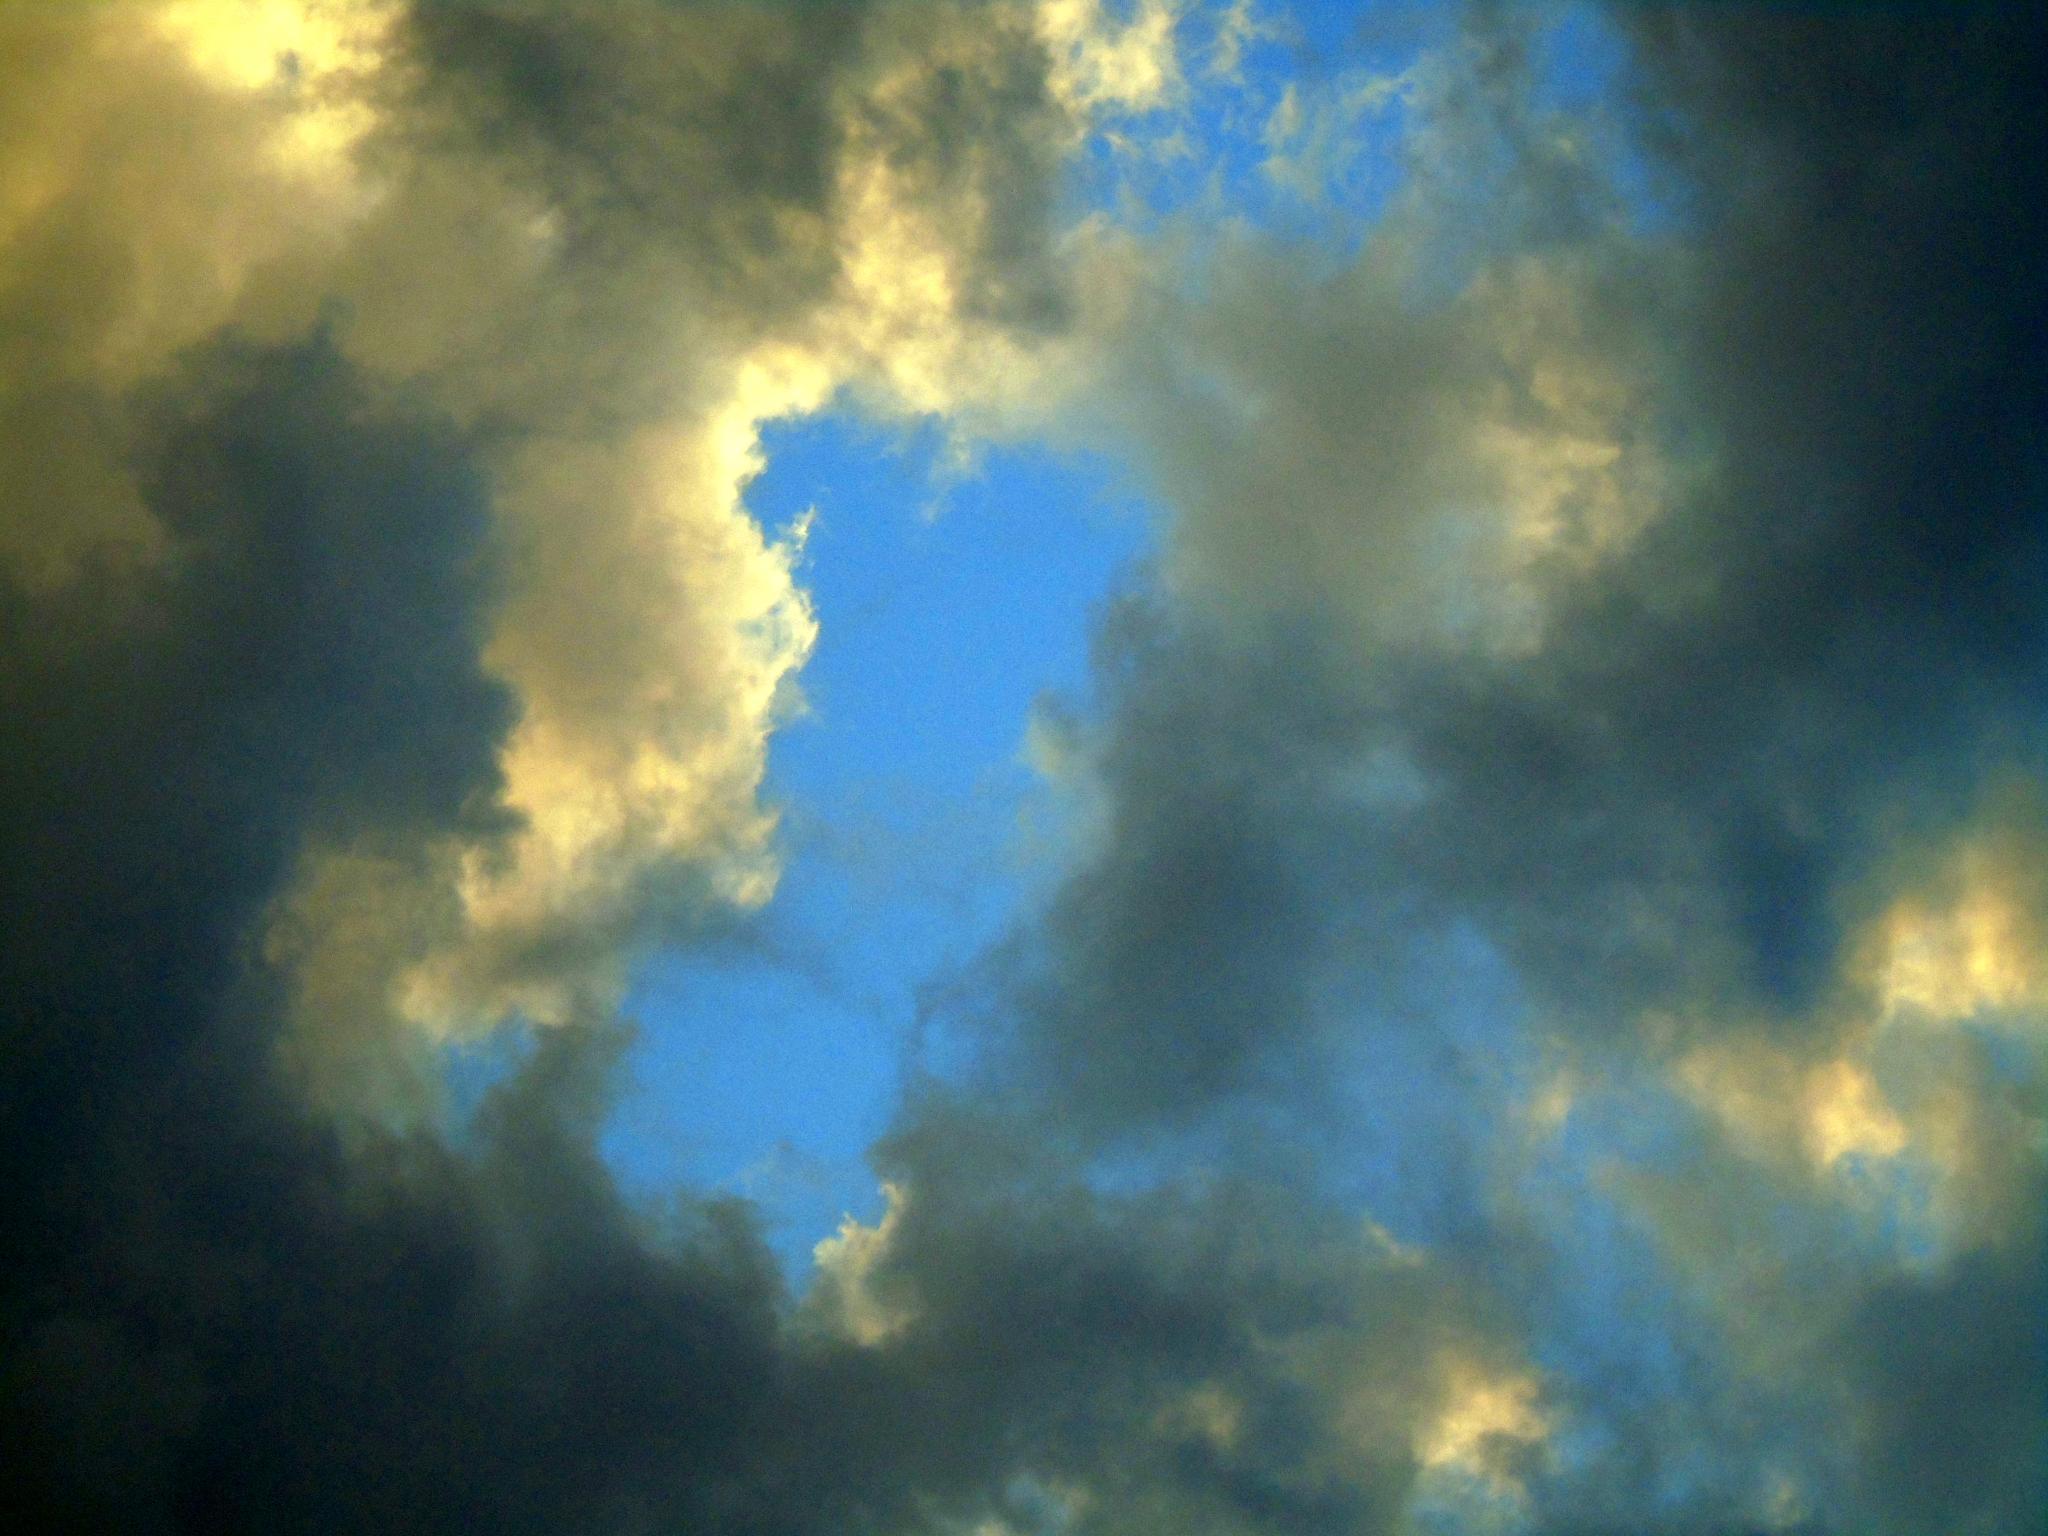 Stormy Skies  by Jan.ohnokt